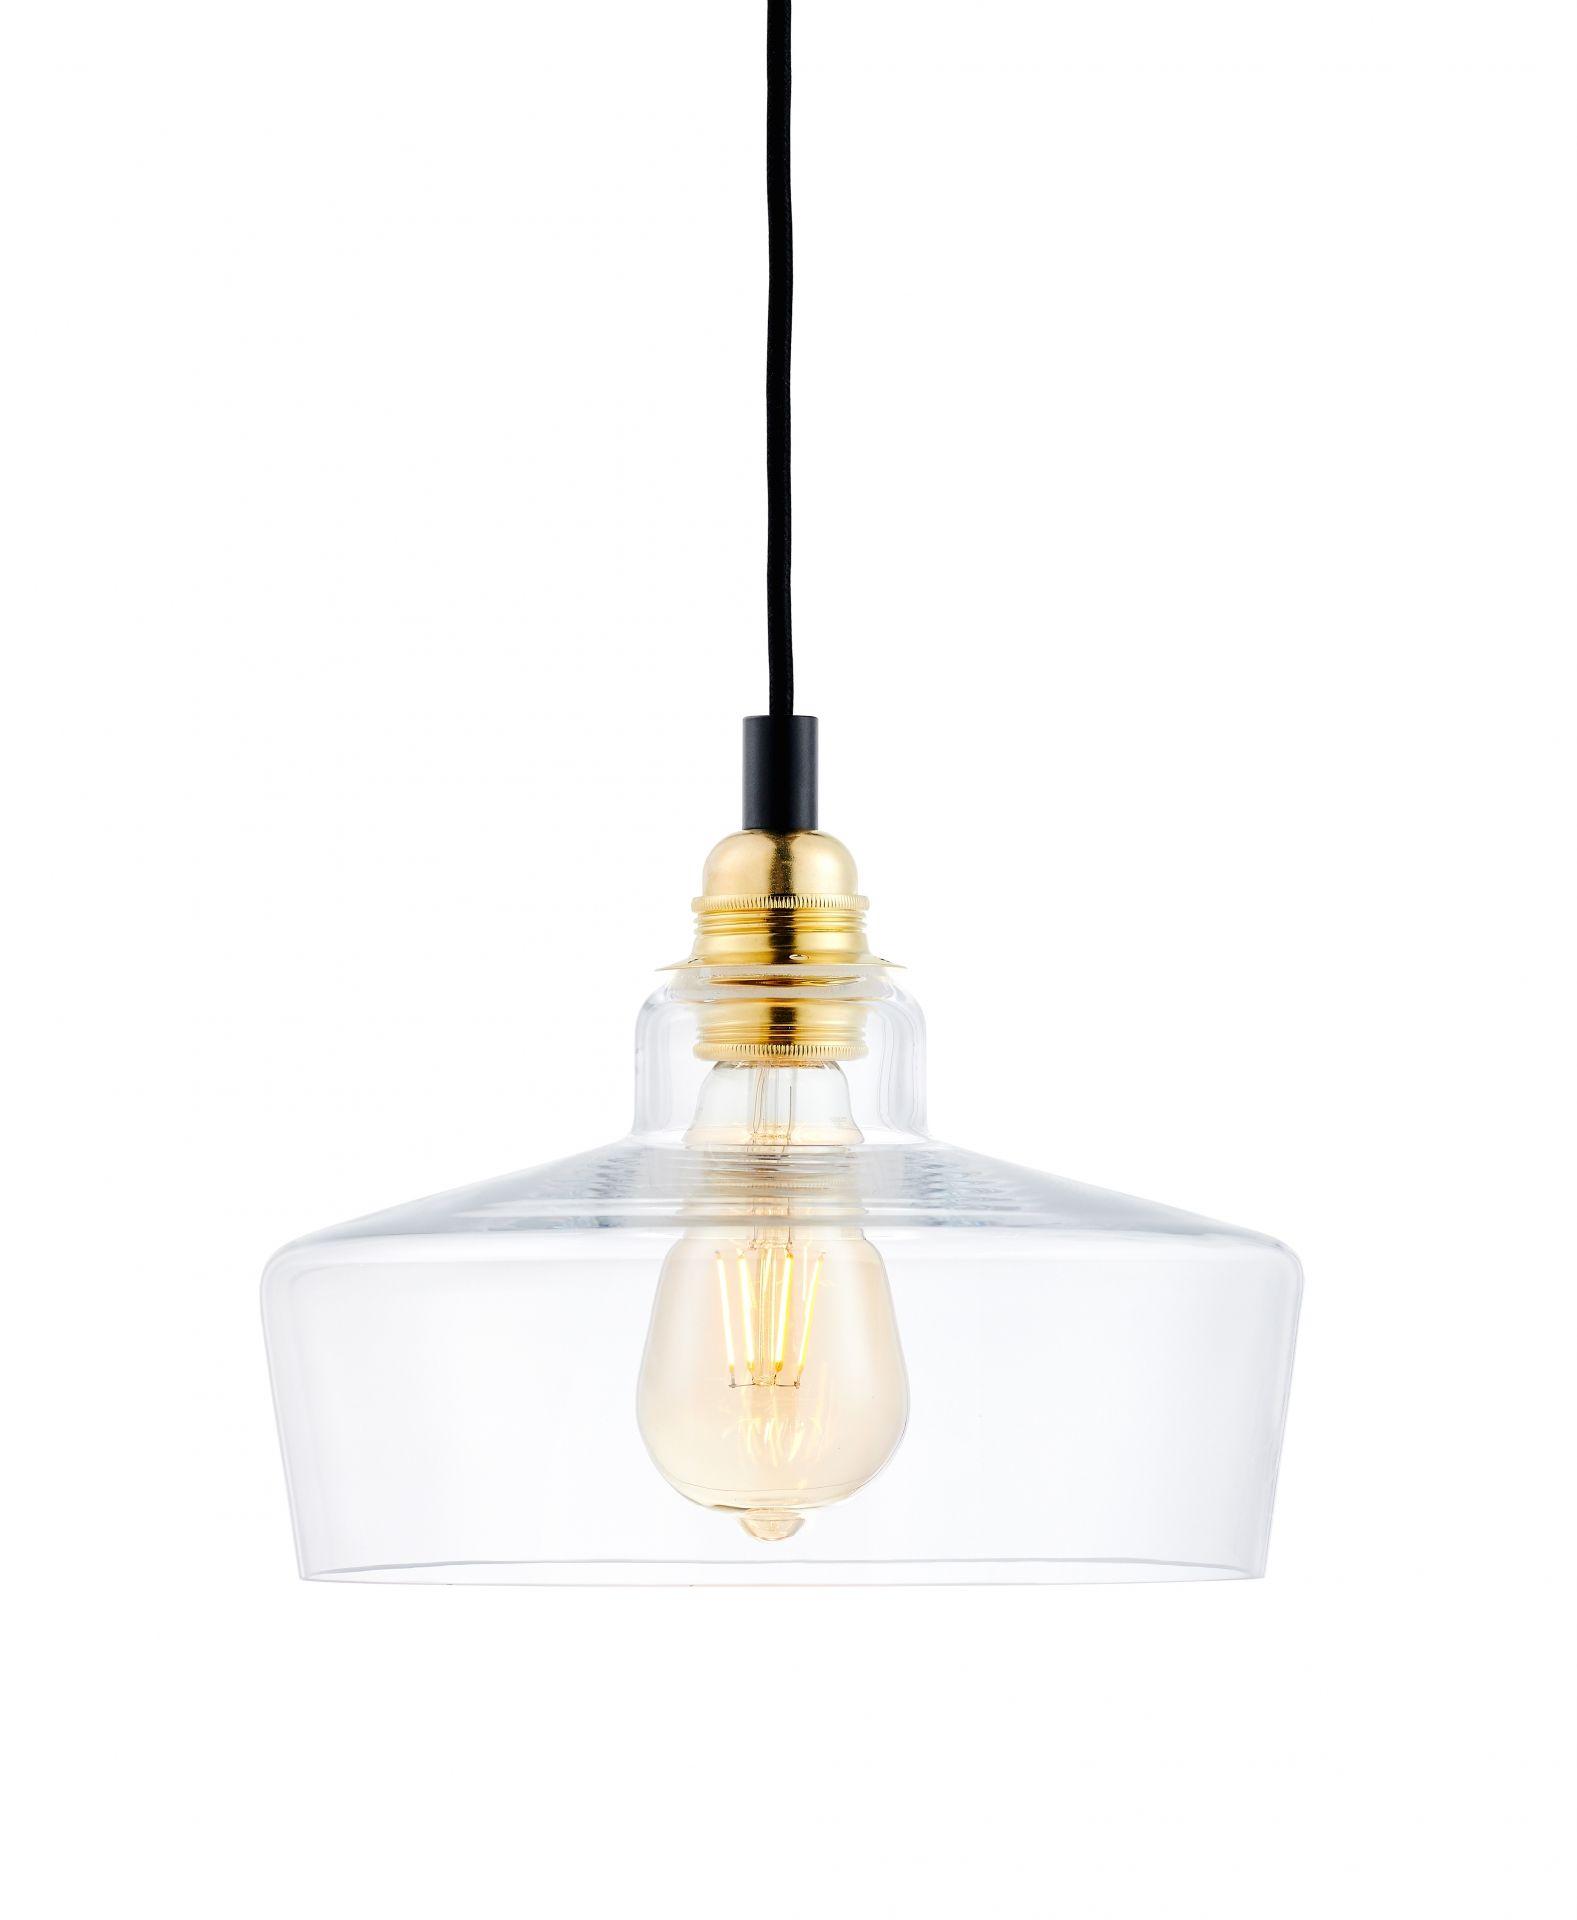 Lampa wisząca Longis III Gold 10873105 KASPA nowoczesna szklana oprawa wisząca